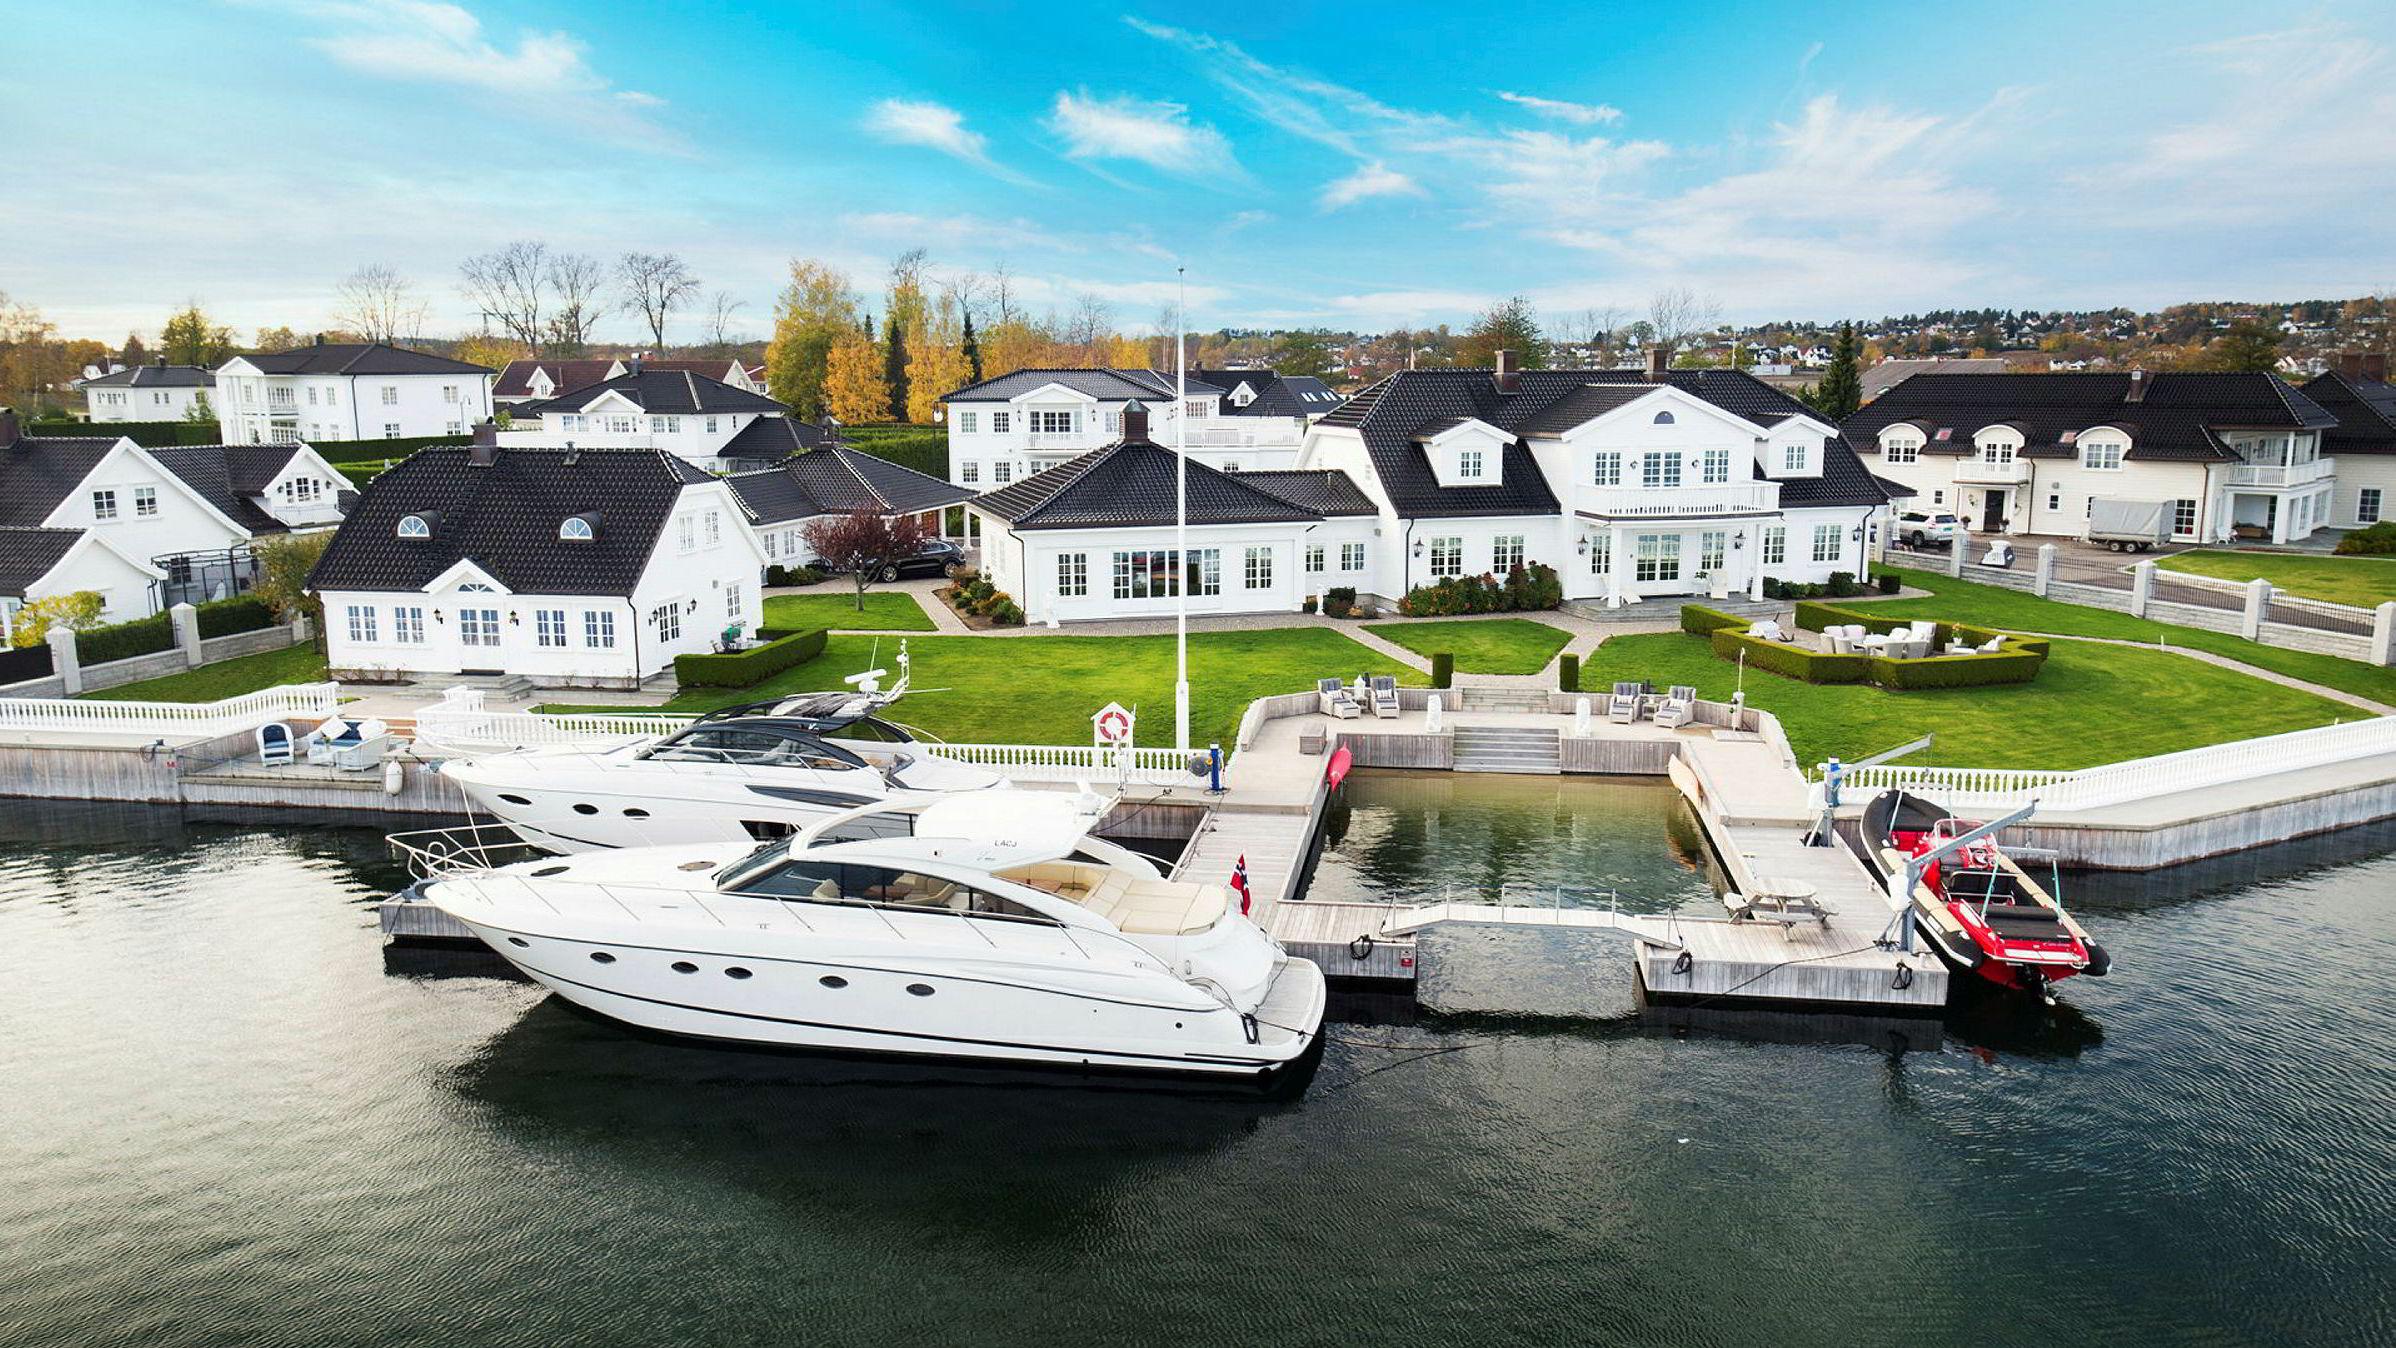 Luksuseiendommen på Kalvetangen på Nøtterøy utenfor Tønsberg har vært til salgs i over et år.